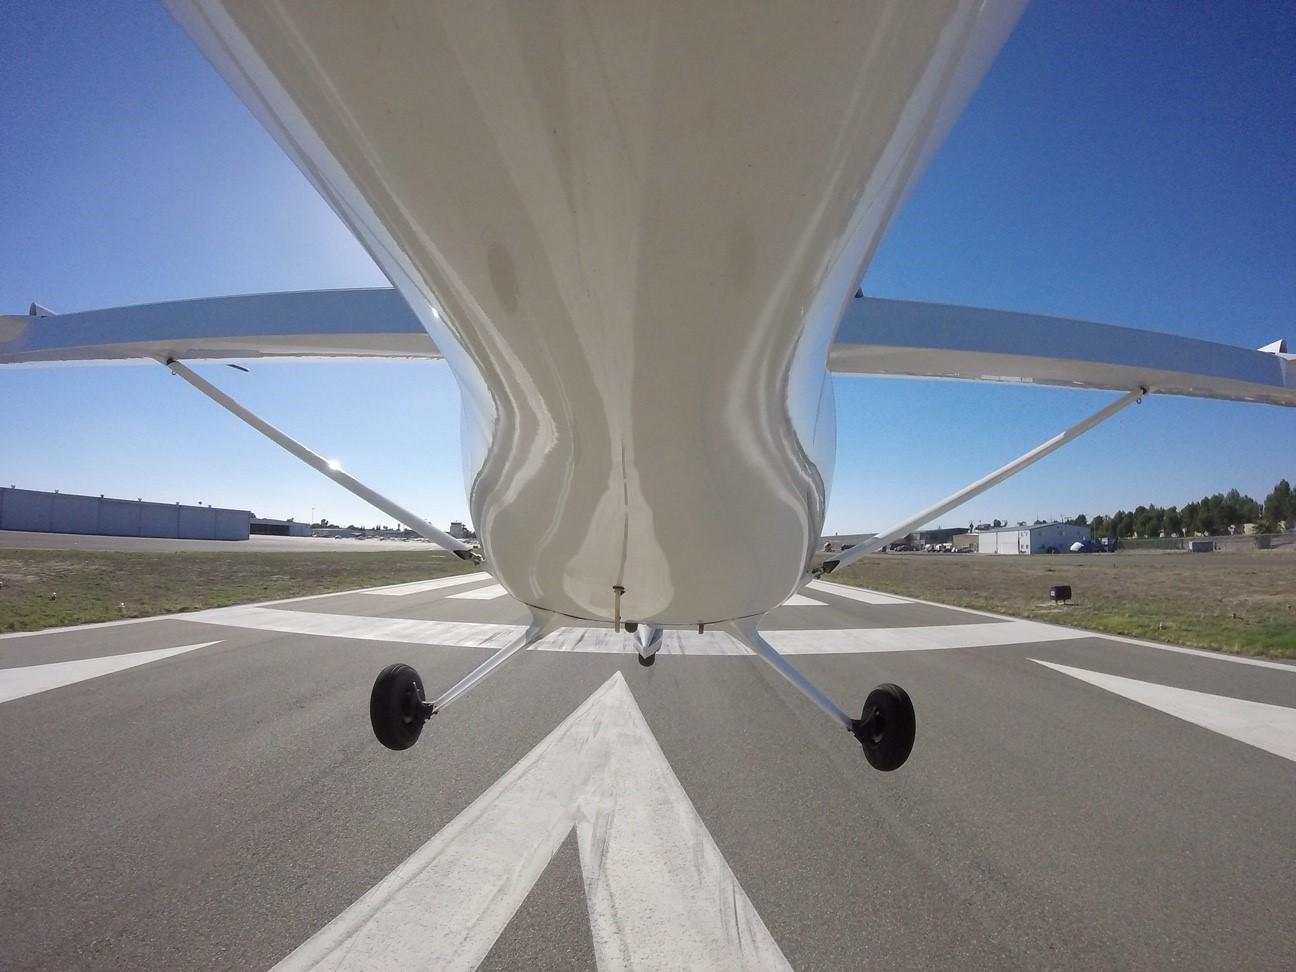 Landing at KFUL